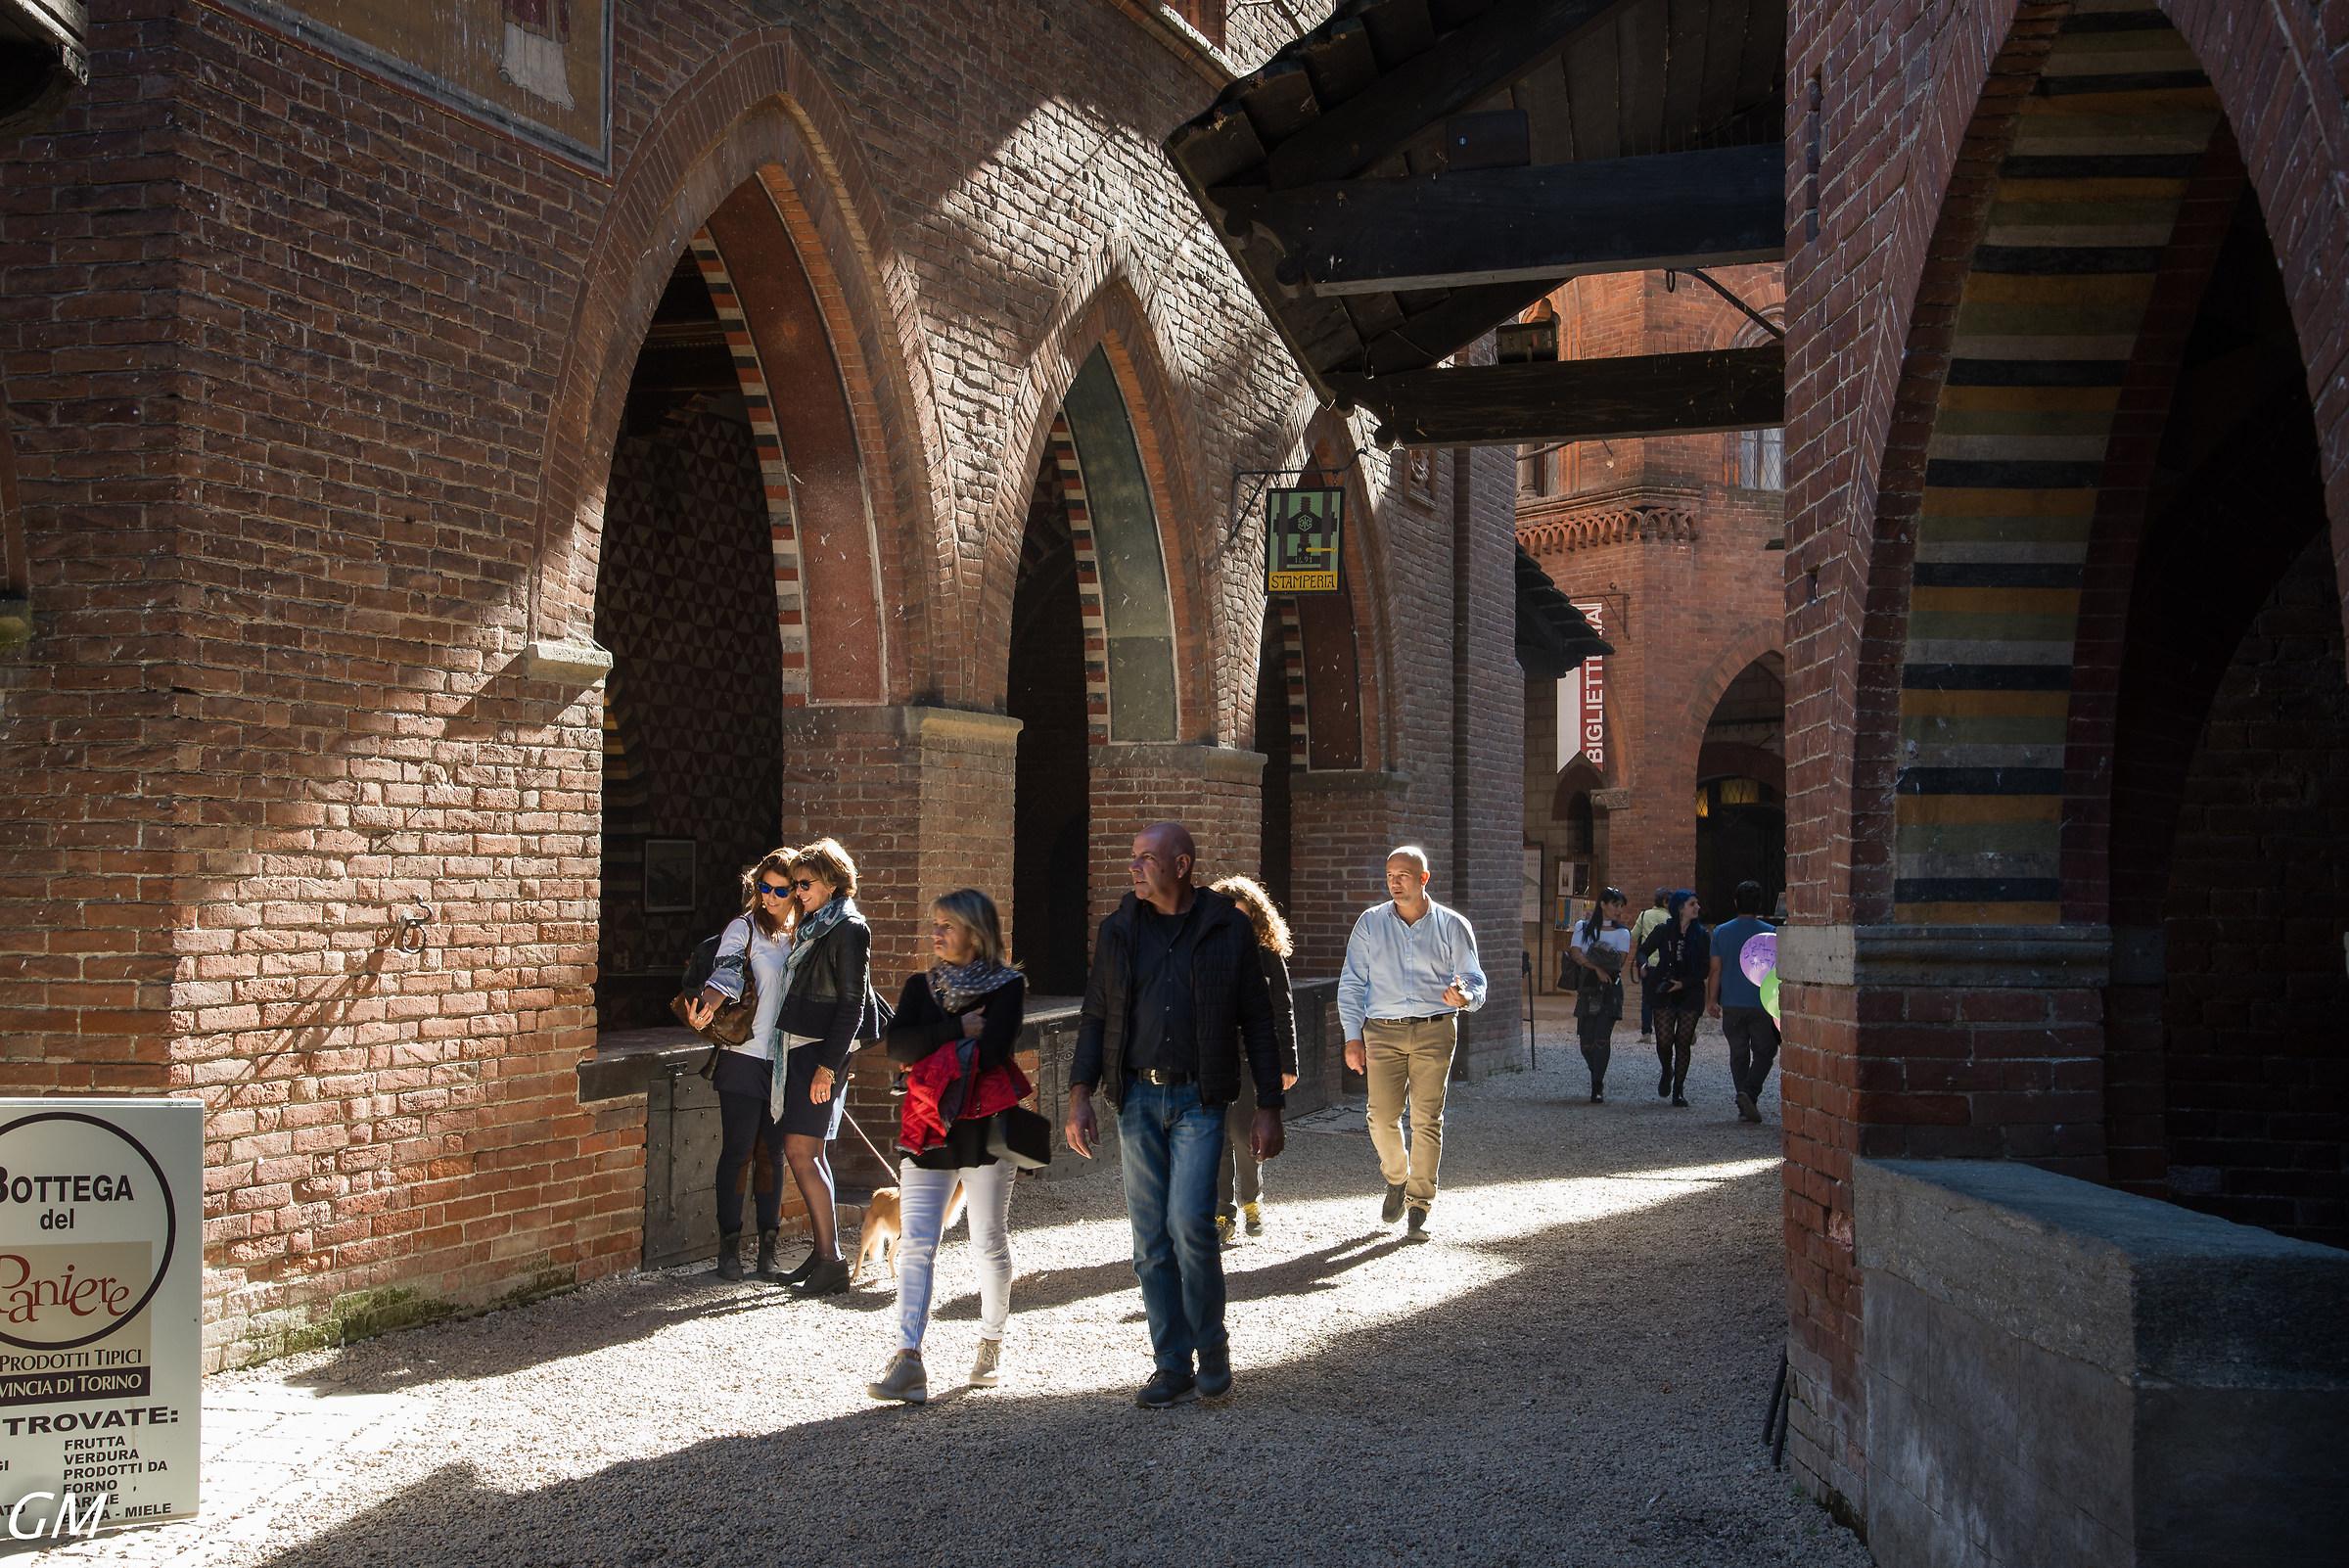 Torino Castello Medievale del parco del Valentino...